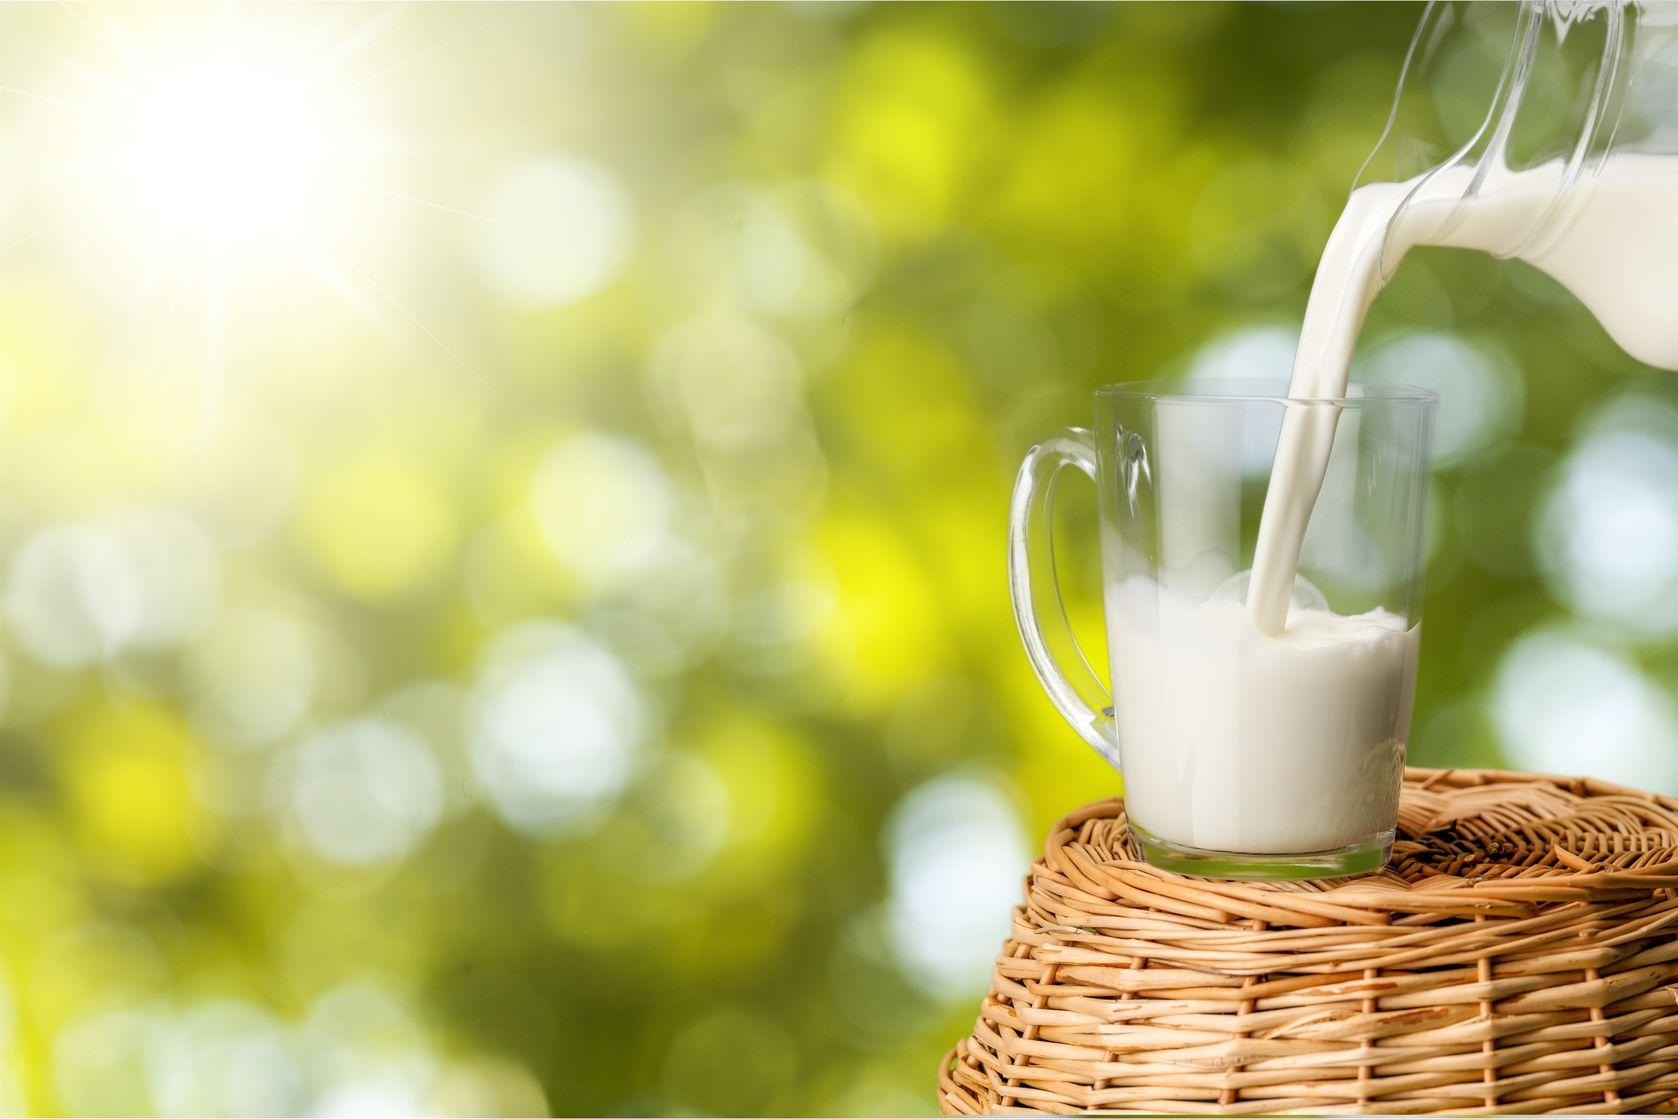 农业农村部等多部委发文:进一步促进奶业振兴